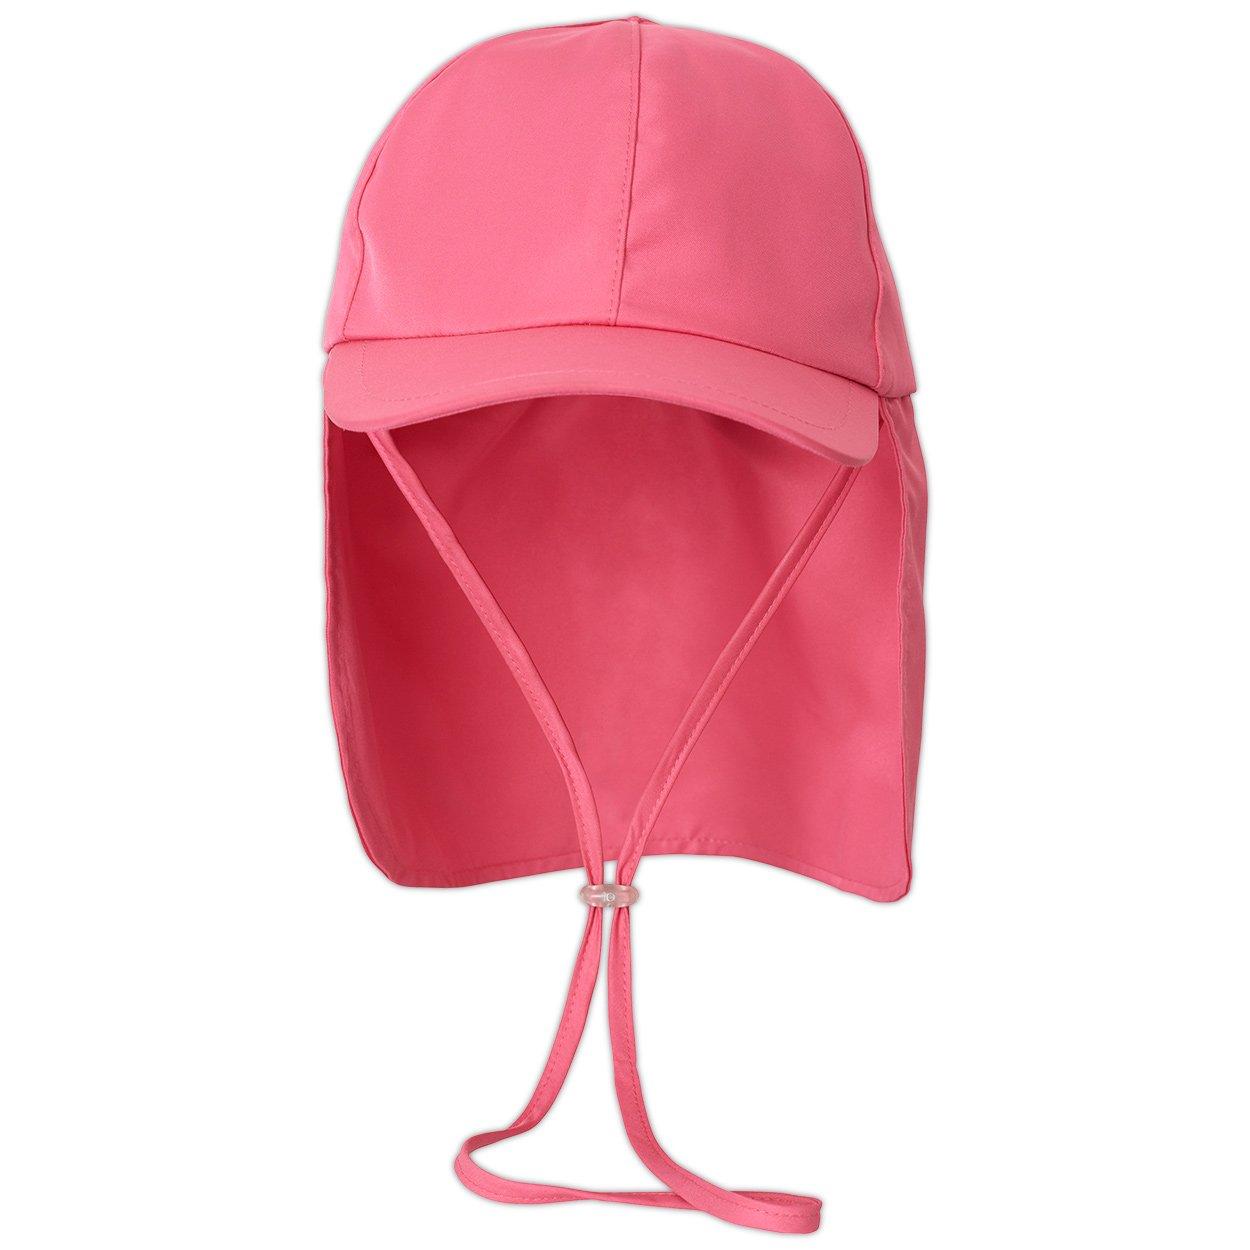 Girls Pink Legionnaire Sun Hat UPF 50+